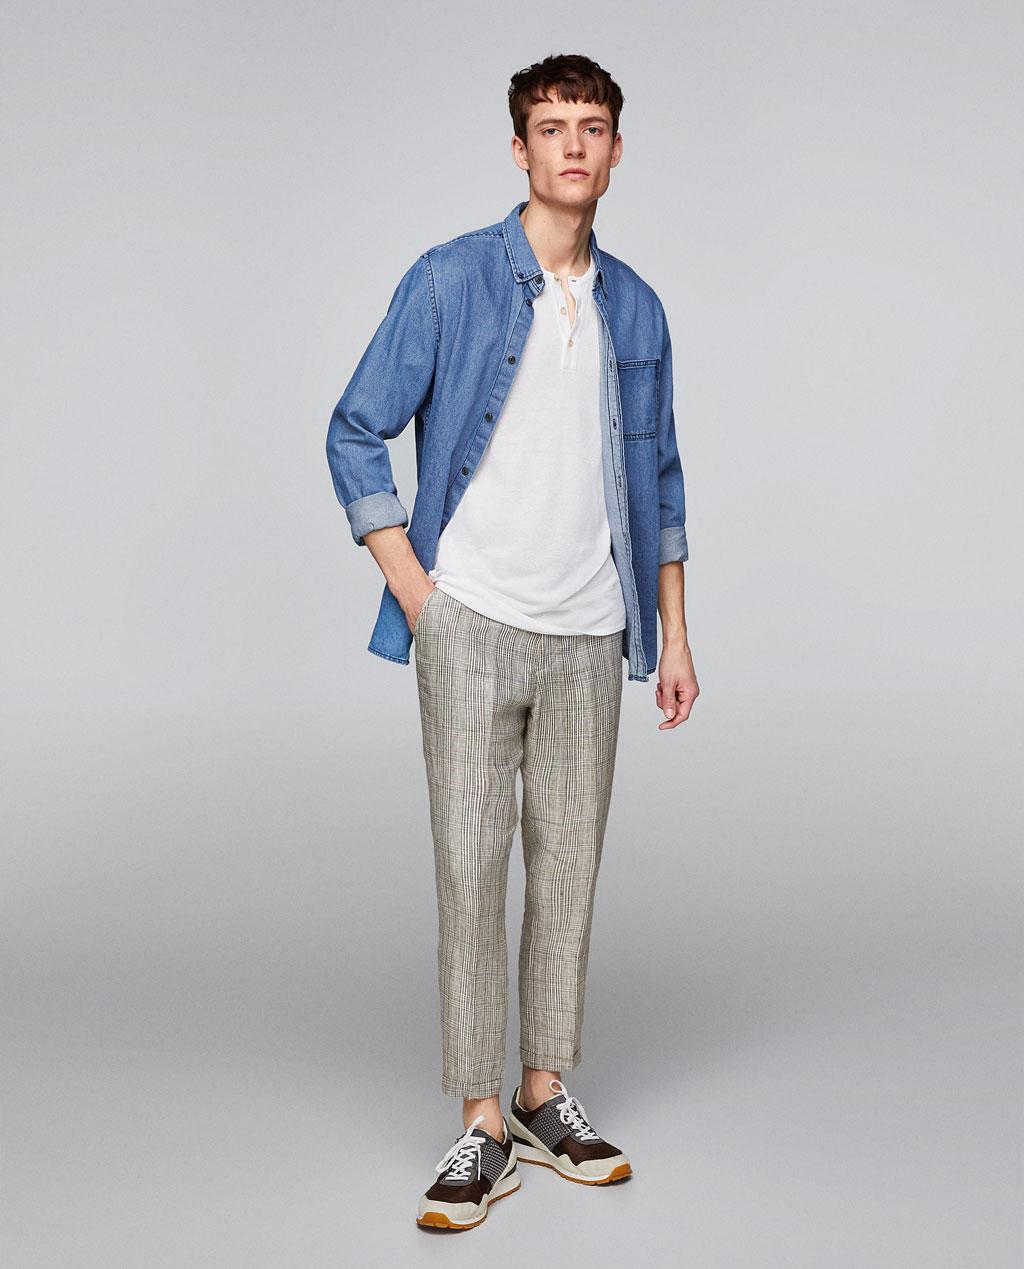 Thời trang nam Zara  24001 - ảnh 3